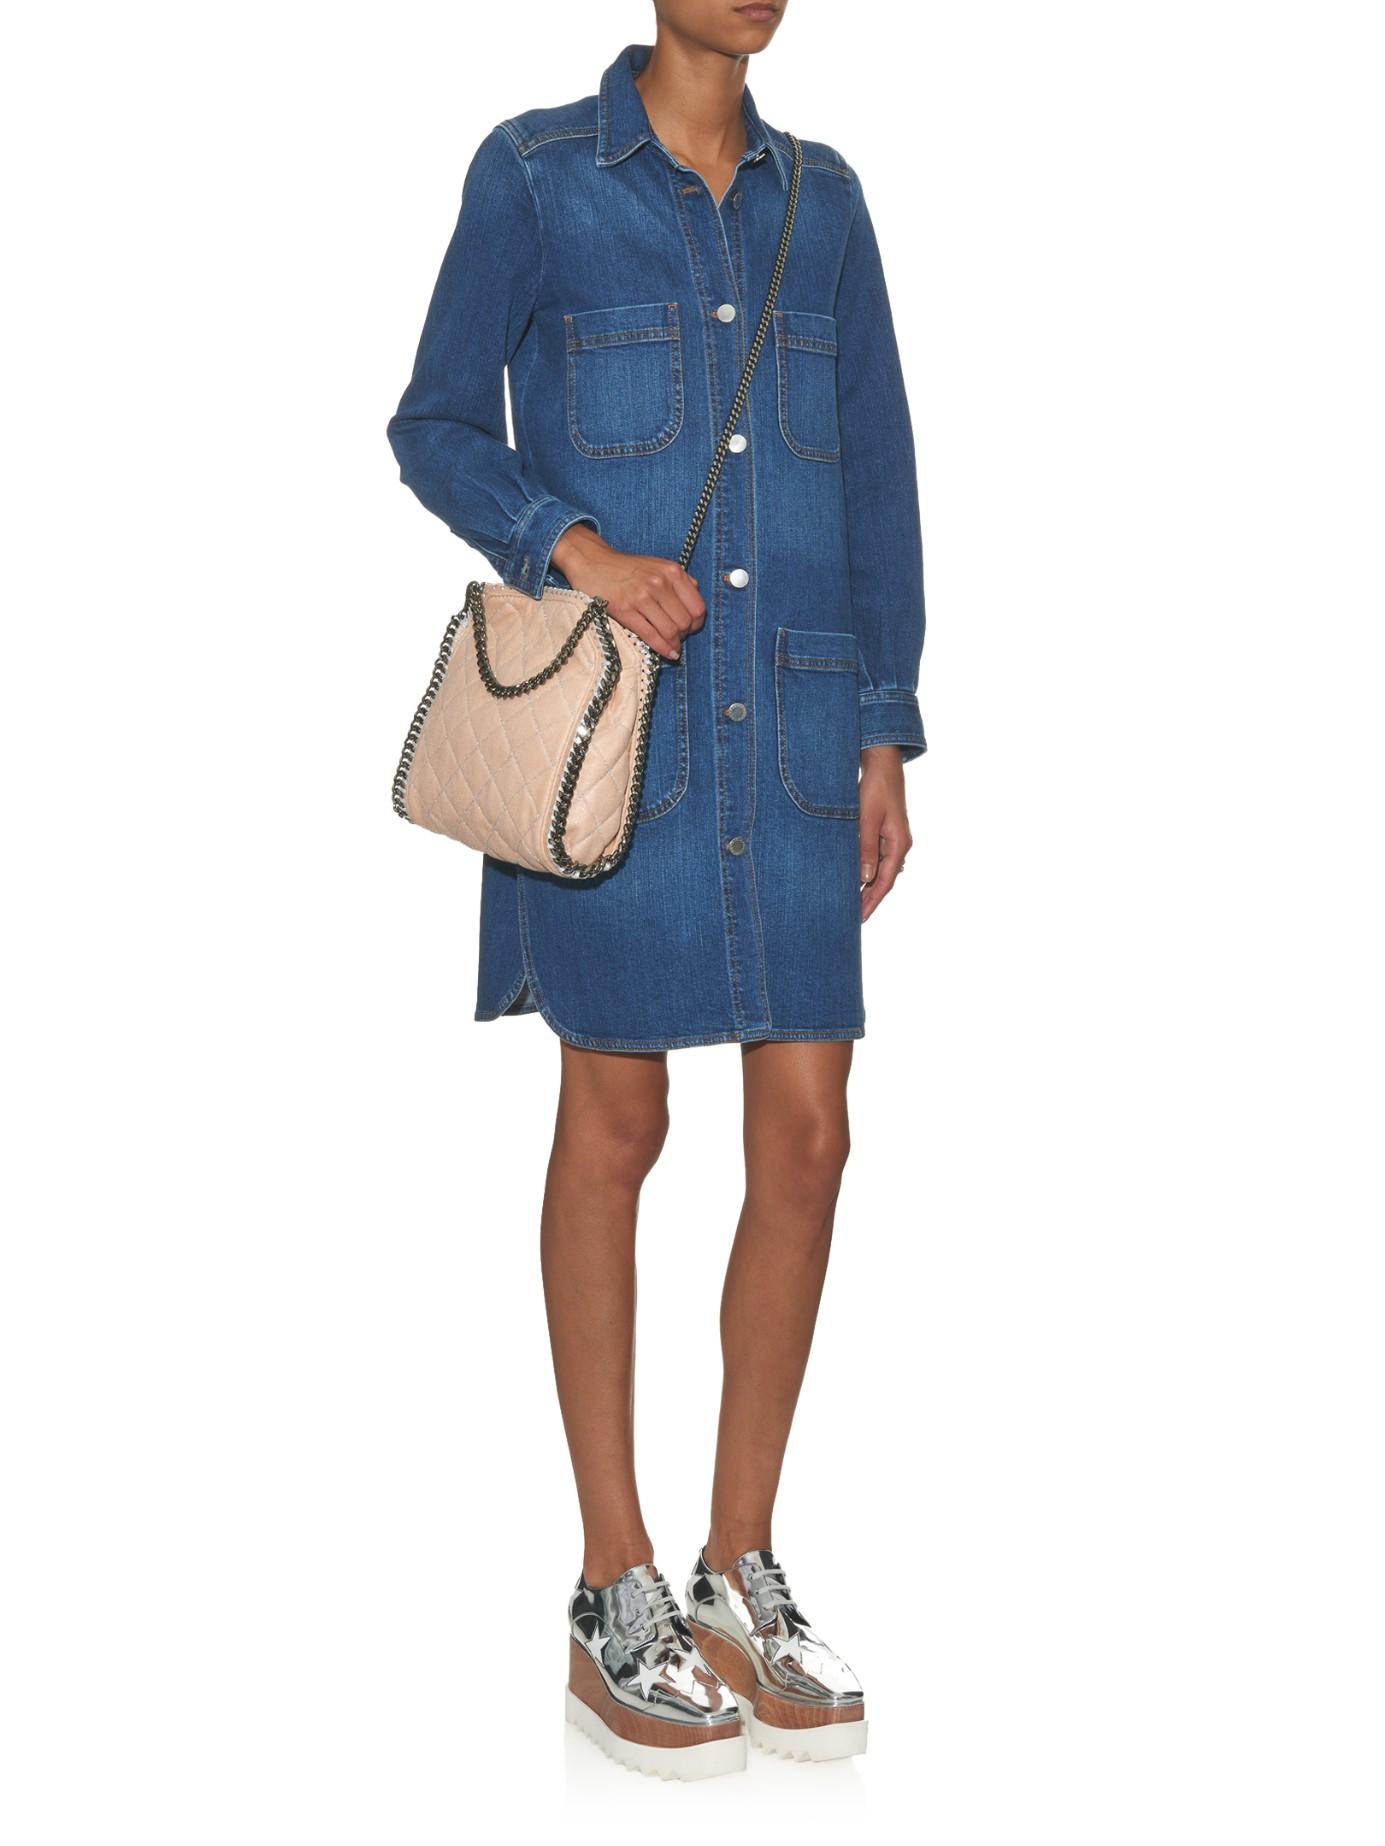 c049ad90da81 Stella McCartney Falabella Mini Quilted Cross-Body Bag in Natural - Lyst